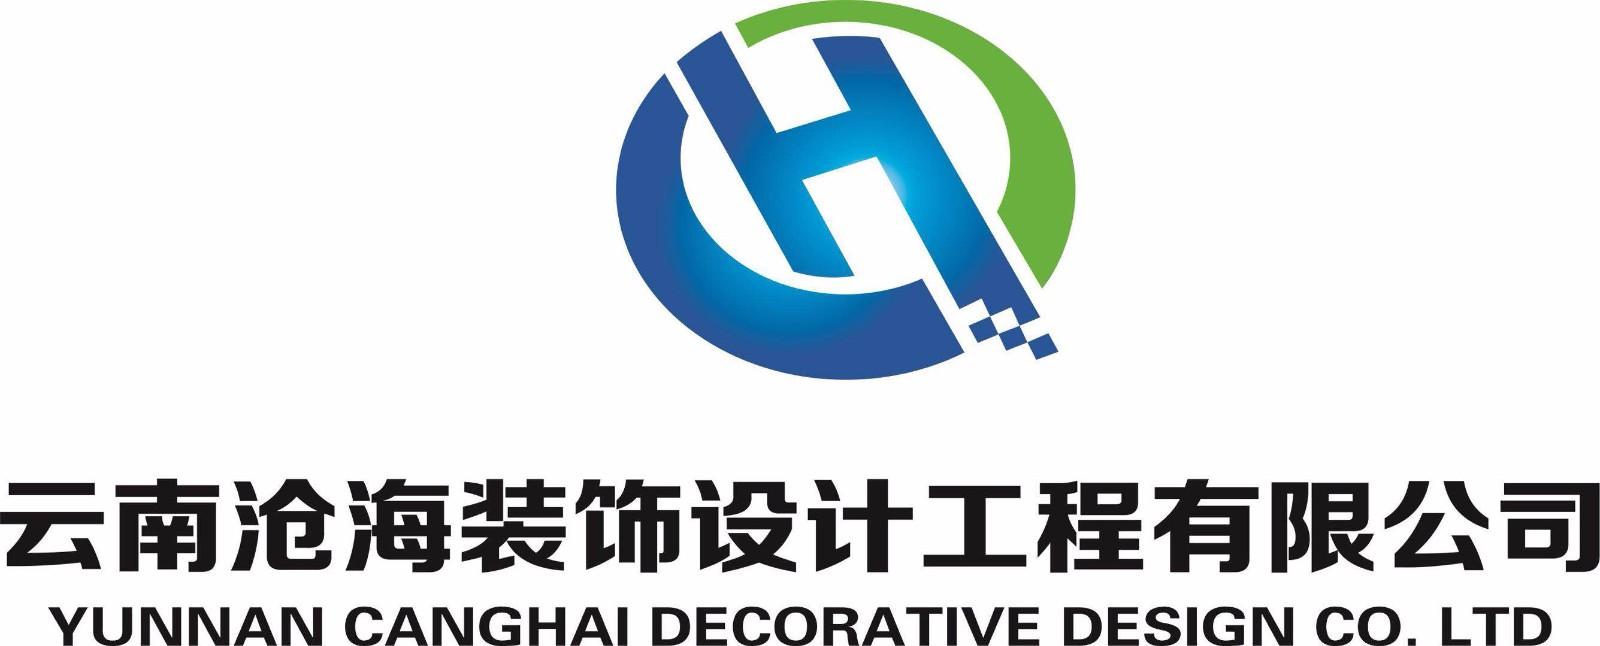 云南沧海装饰设计工程有限公司